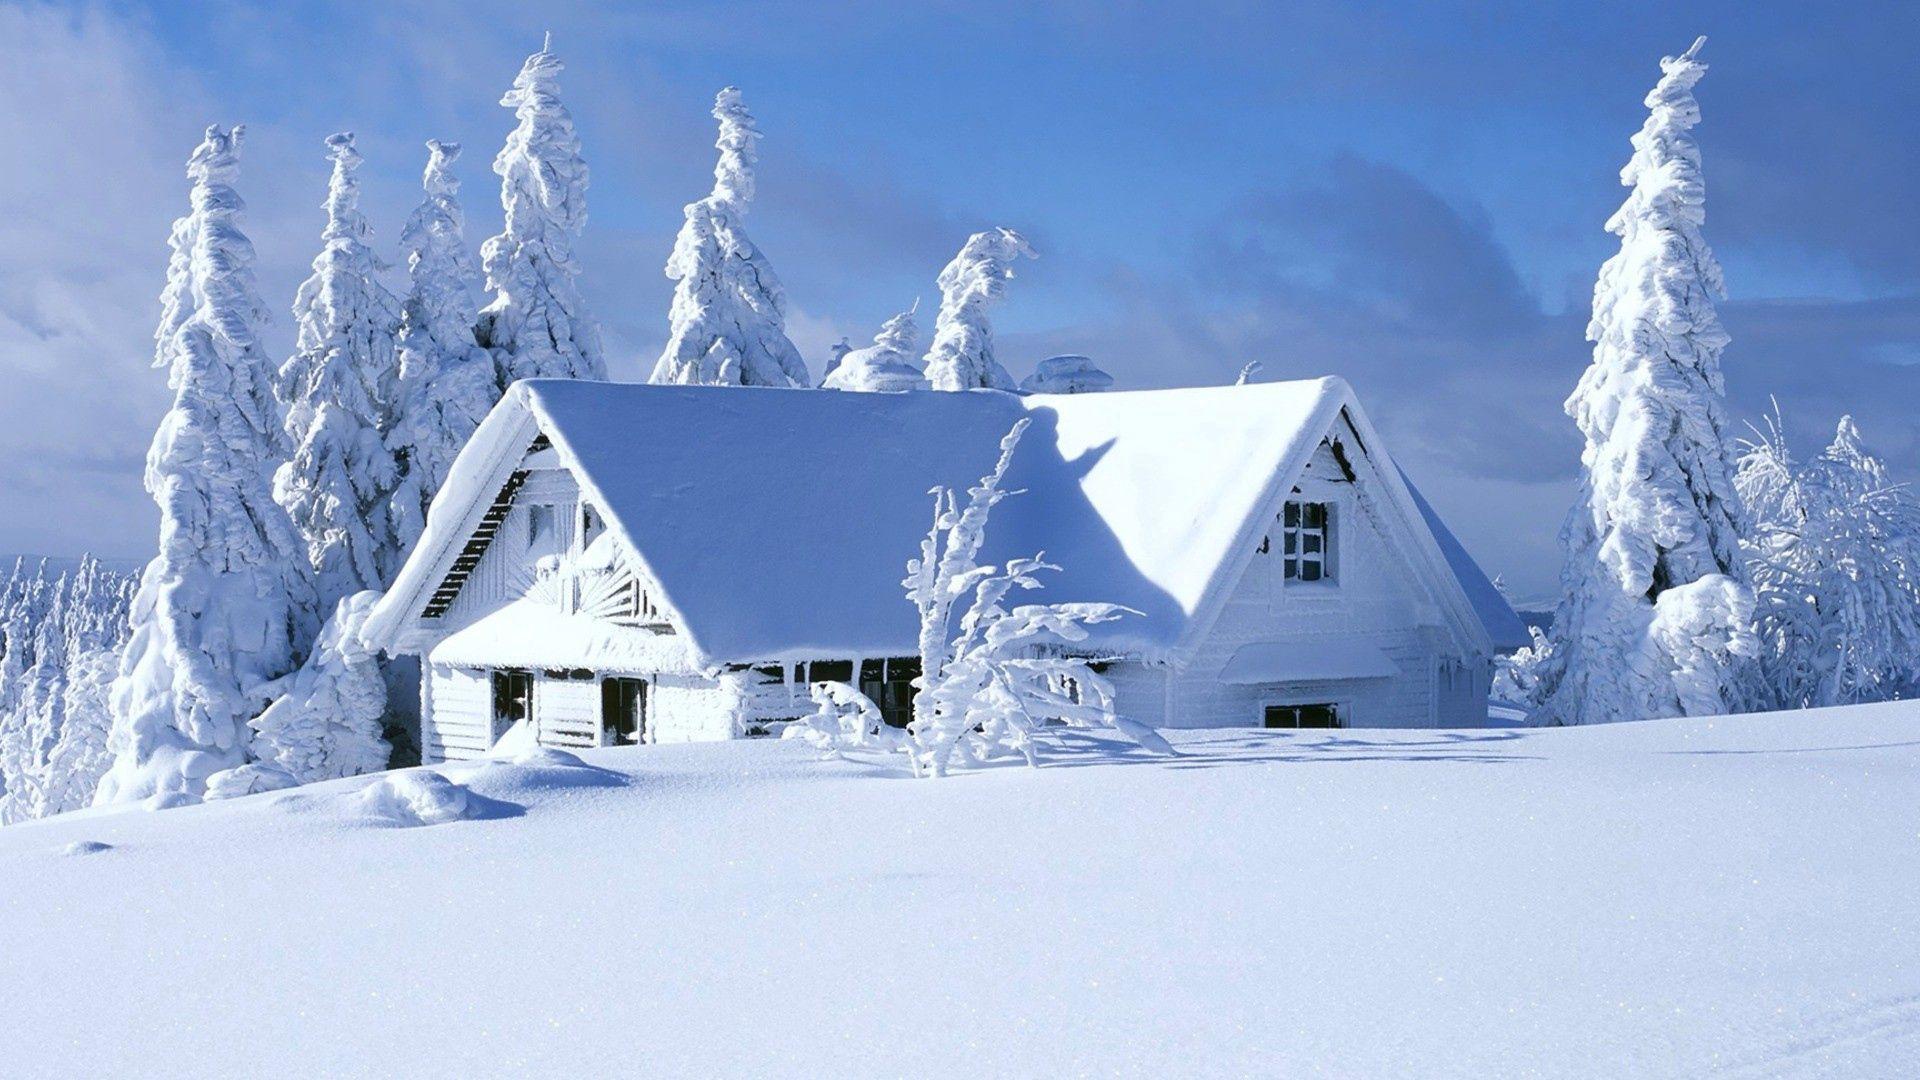 129702 Заставки и Обои Снег на телефон. Скачать Зима, Снег, Природа, Рирода картинки бесплатно